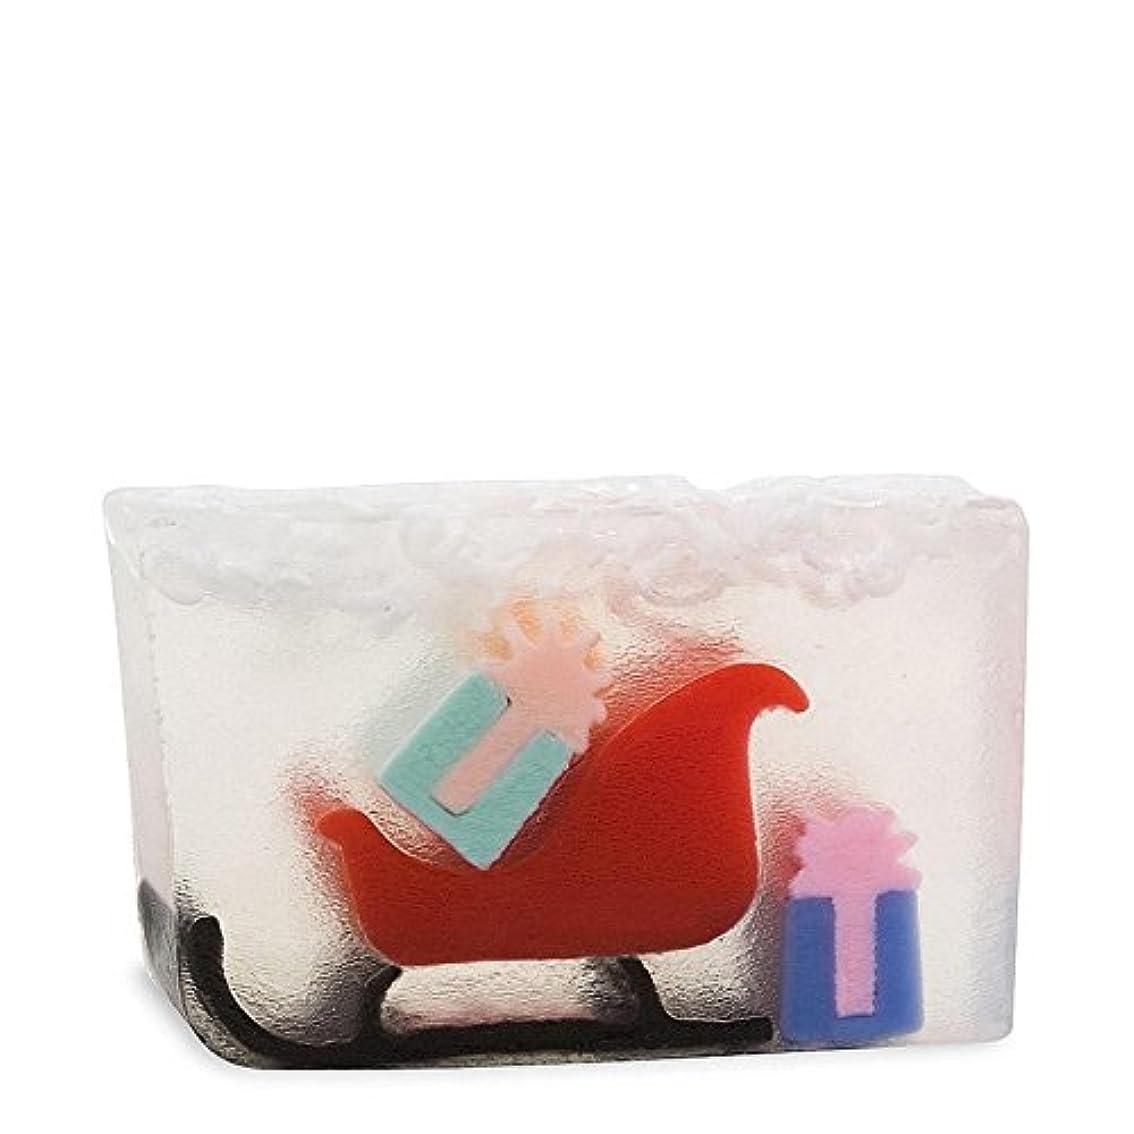 前提教養がある麻酔薬原始要素のサンタのそり x4 - Primal Elements Santas Sleigh (Pack of 4) [並行輸入品]